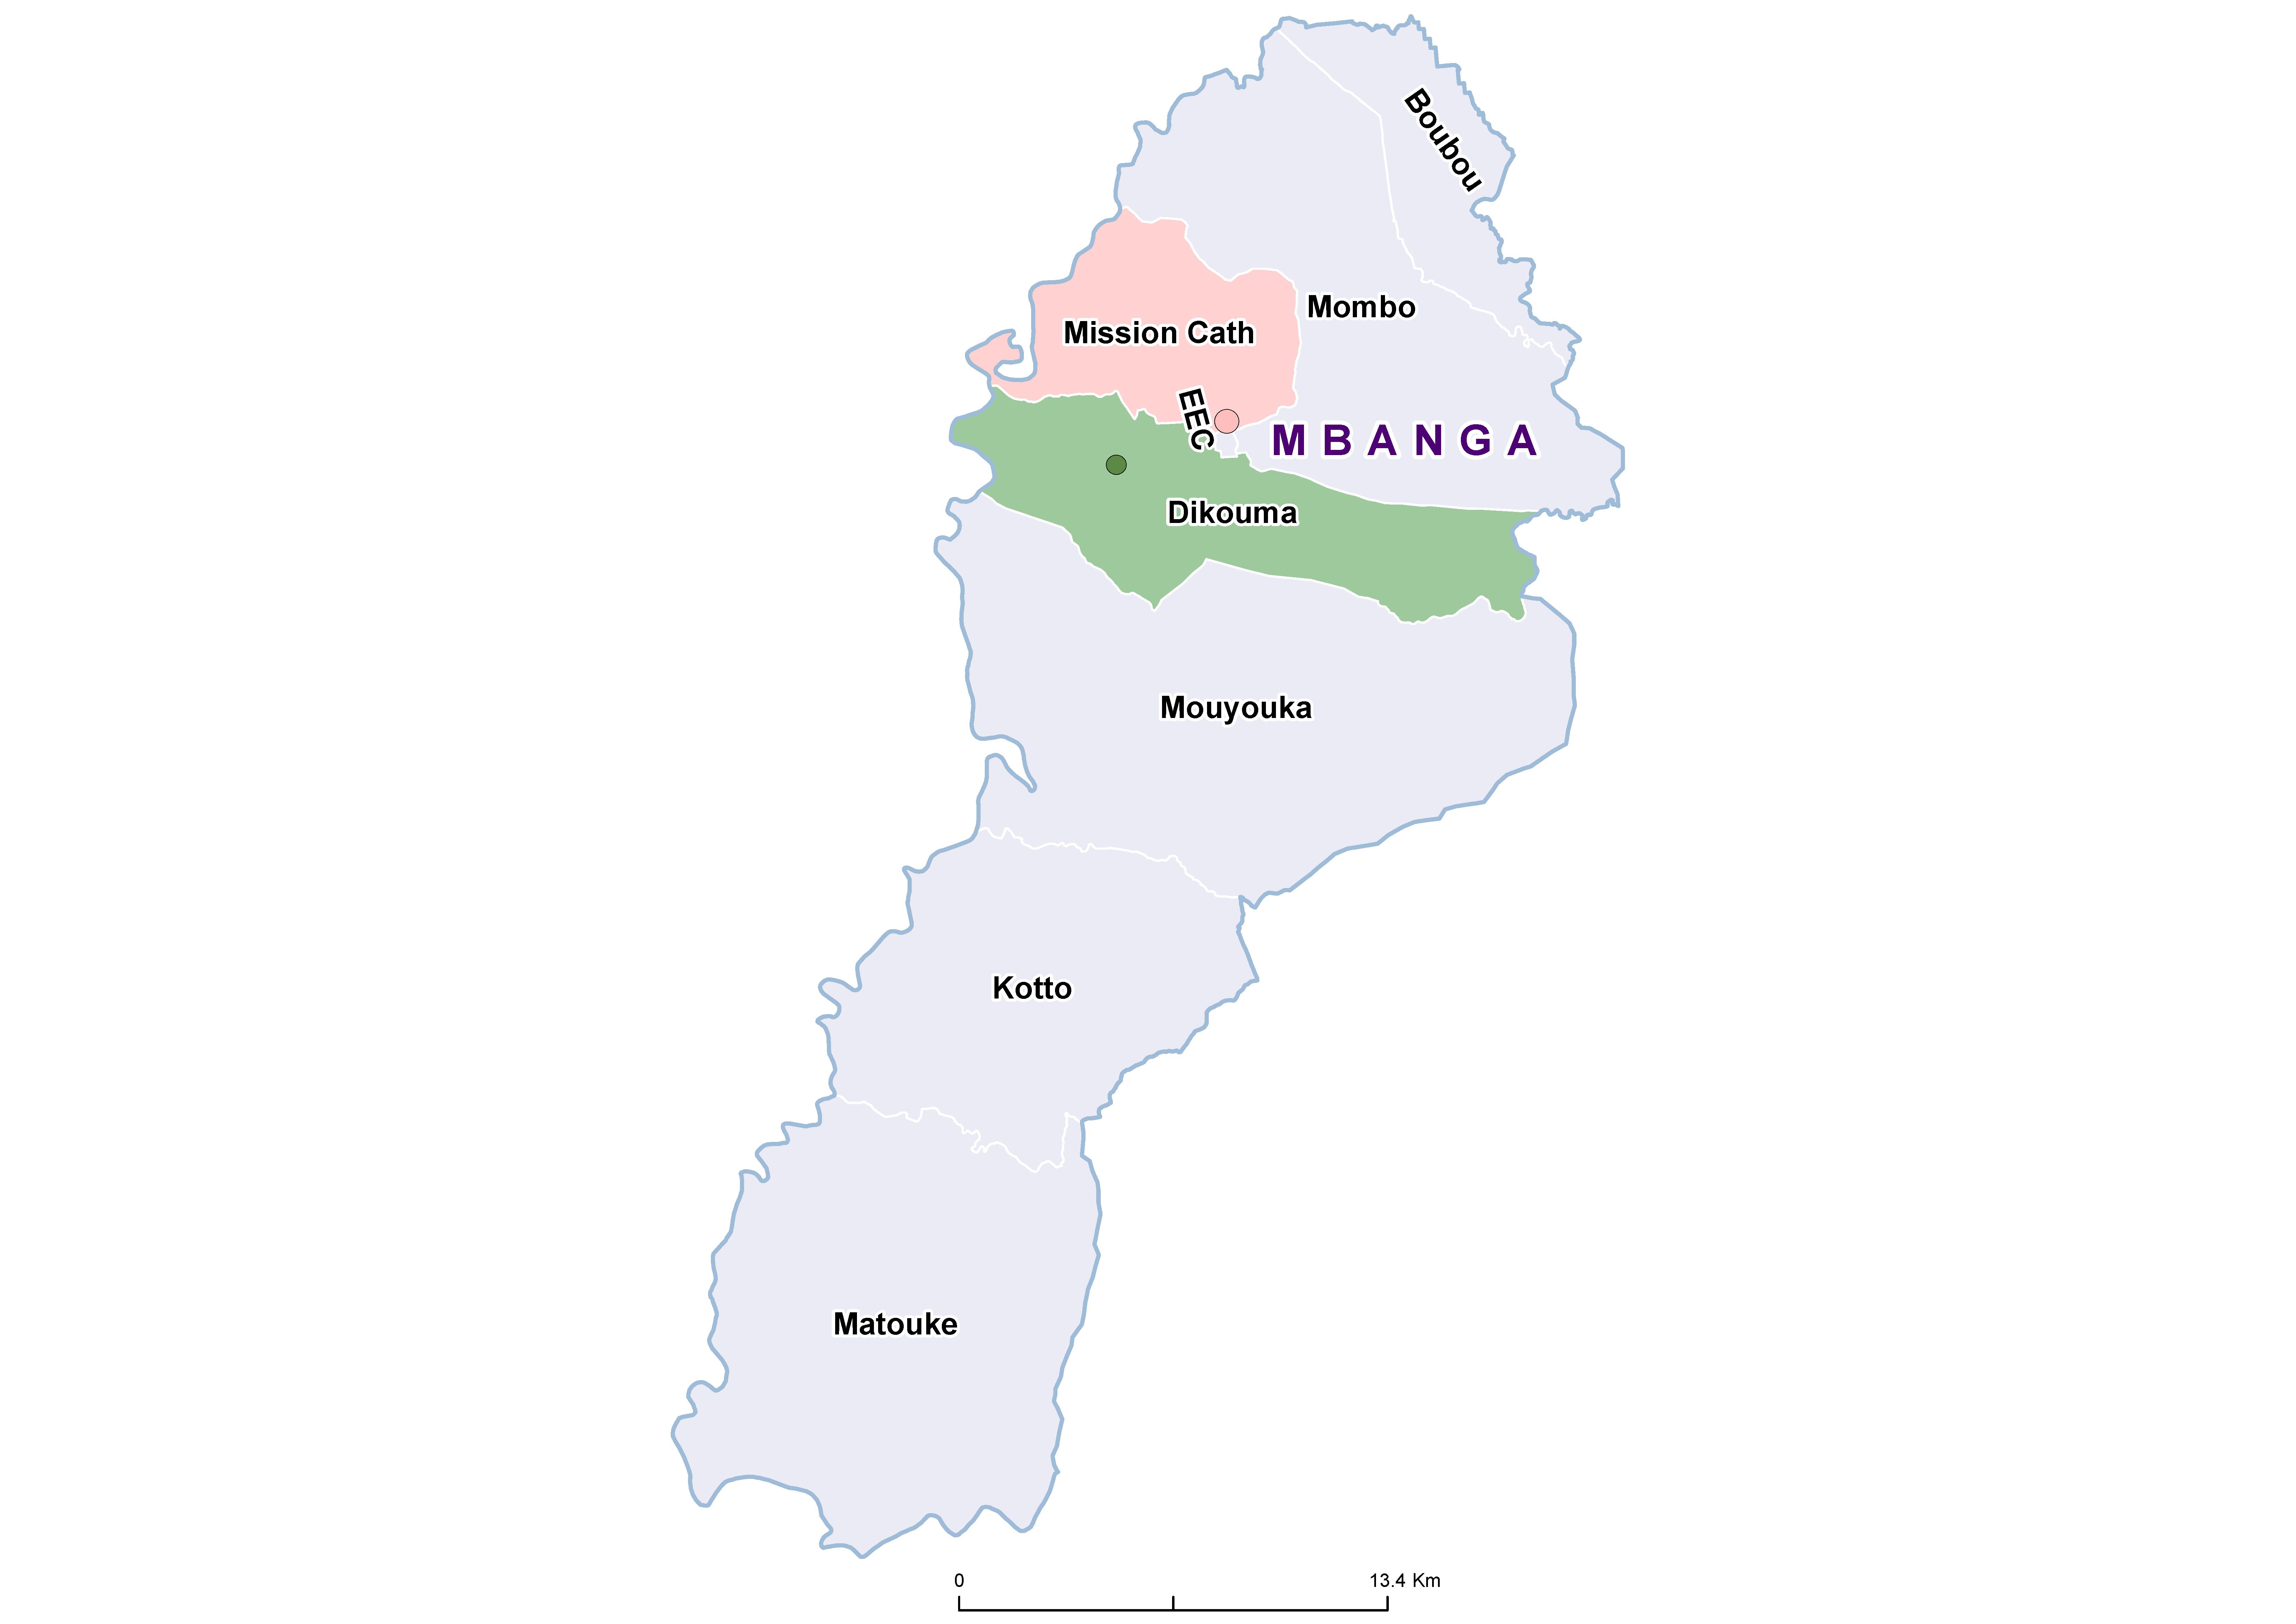 Mbanga SCH 19850001